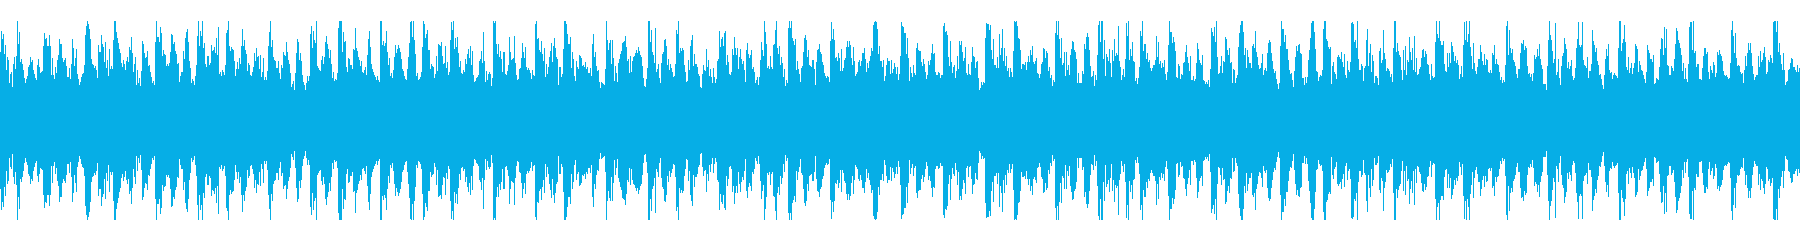 琴/二胡 主体の和風LOOP BGMの再生済みの波形